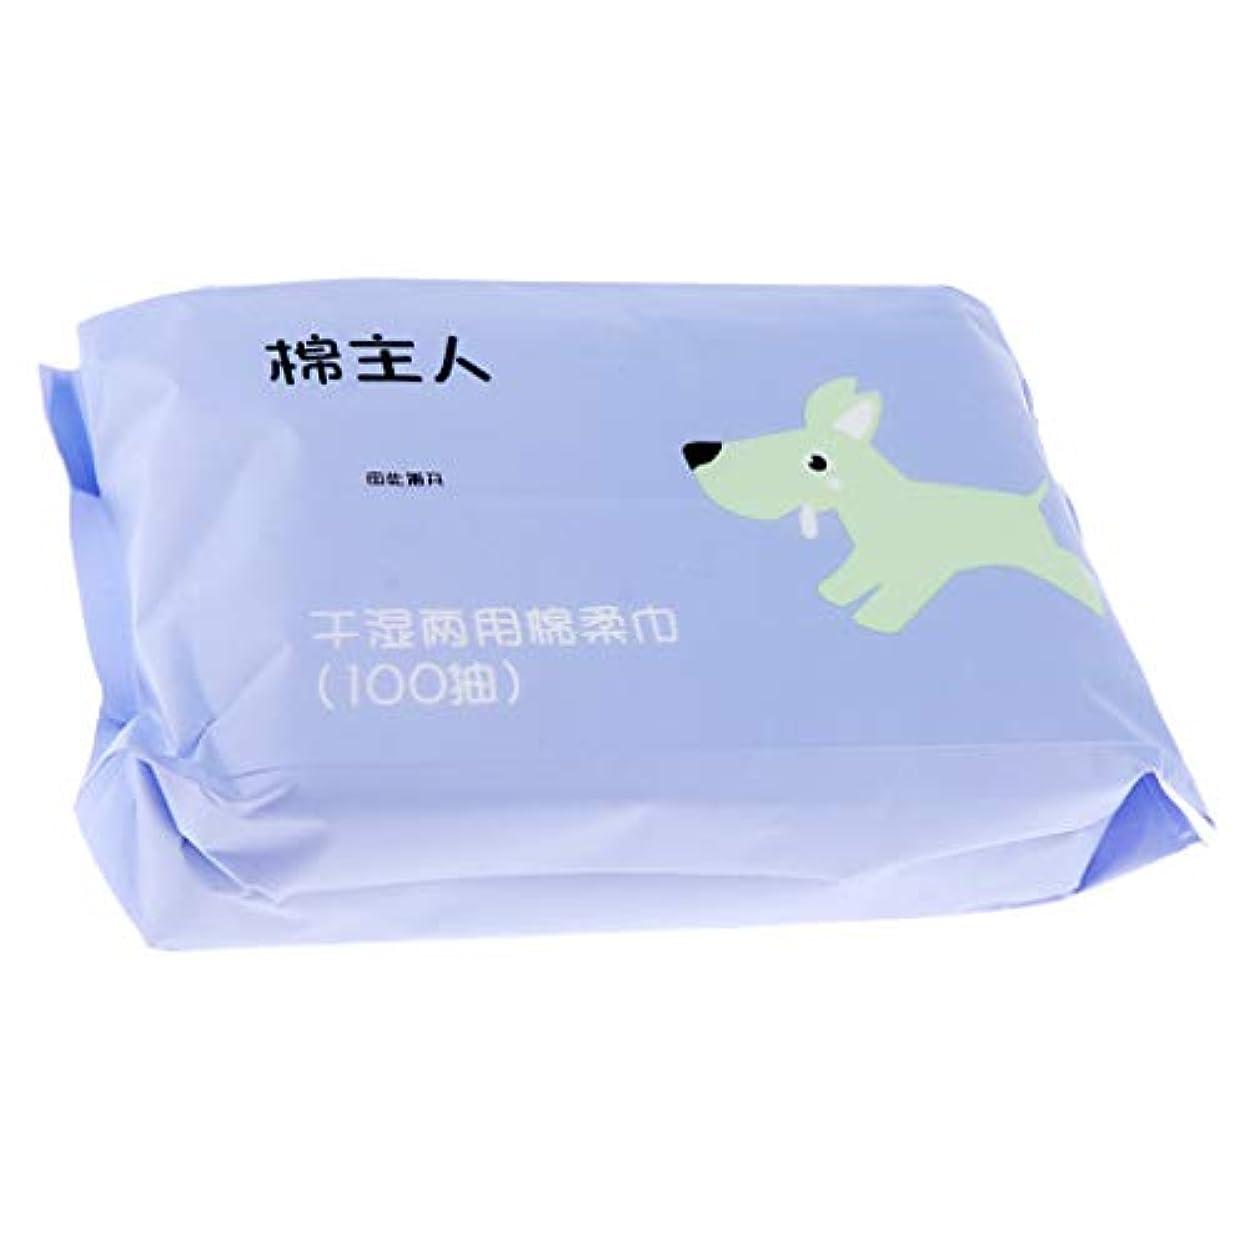 サーバント仮定レギュラーPerfeclan 約100枚 クレンジングシート フェイス クリーニング タオル メイク落とし 清潔 衛生 非刺激 - 青紫